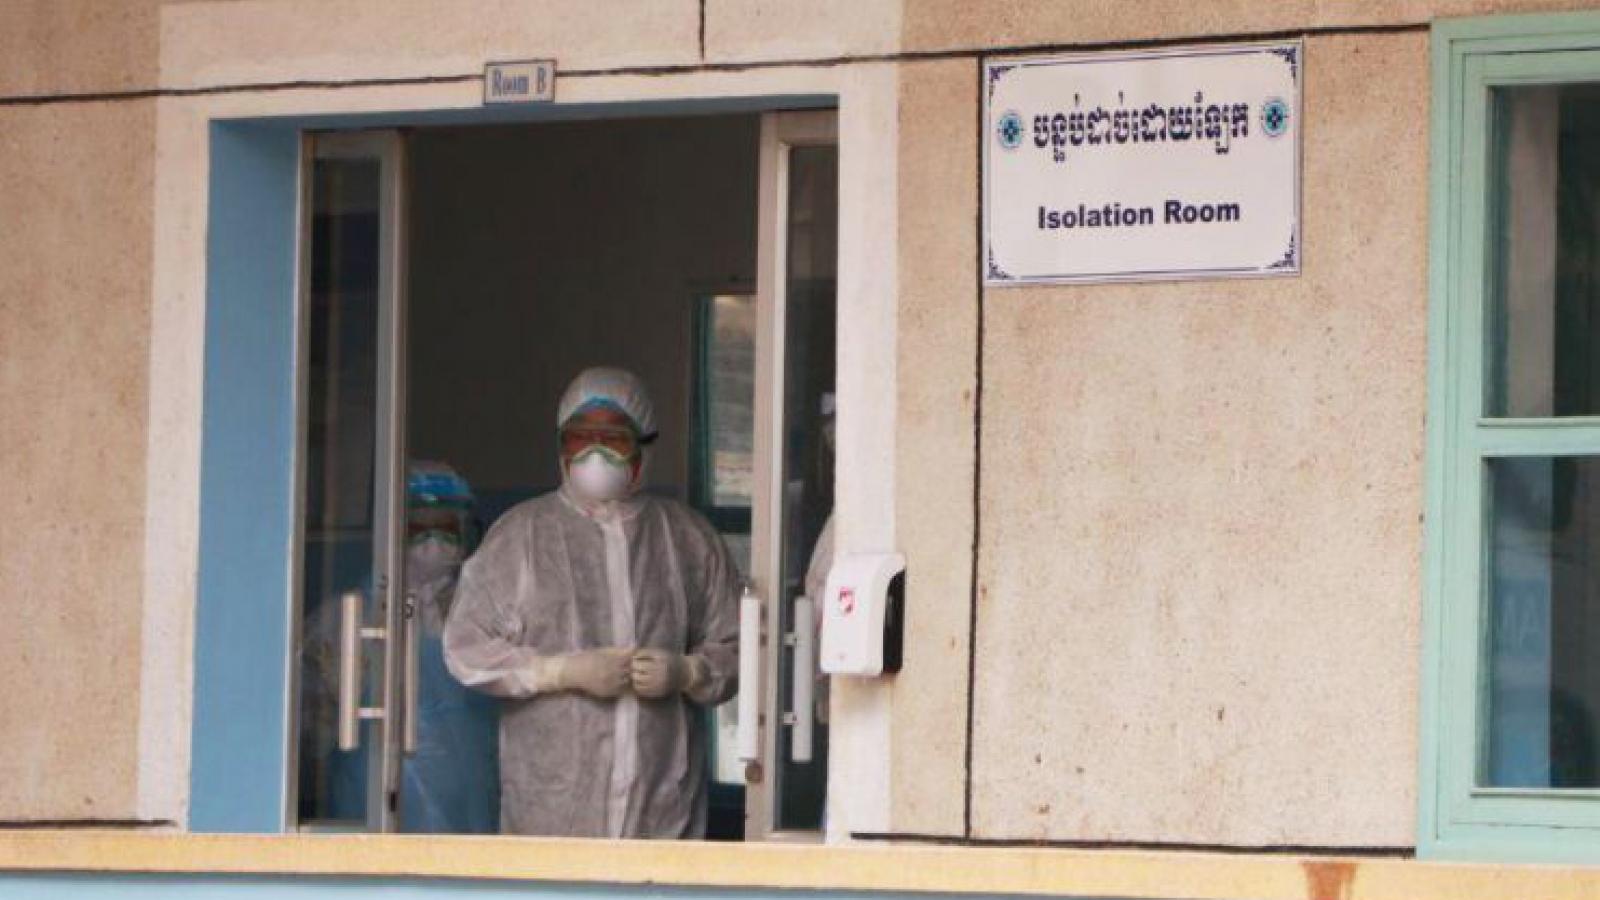 Thêm một ca Covid-19 từ nước ngoài về, Campuchia có 130 bệnh nhân